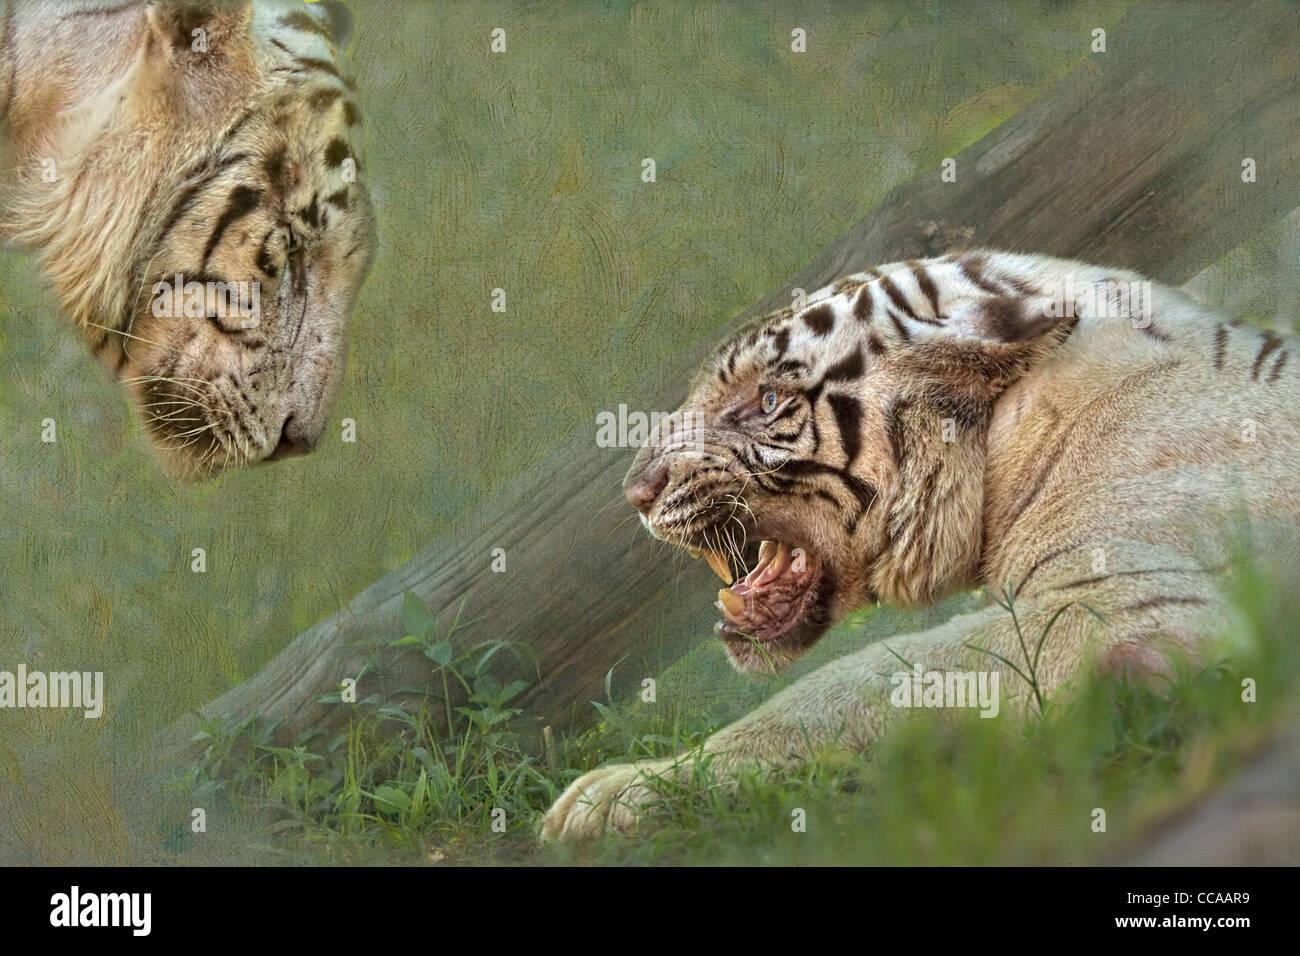 White tiger, panthera tigris, growling at her mate. - Stock Image